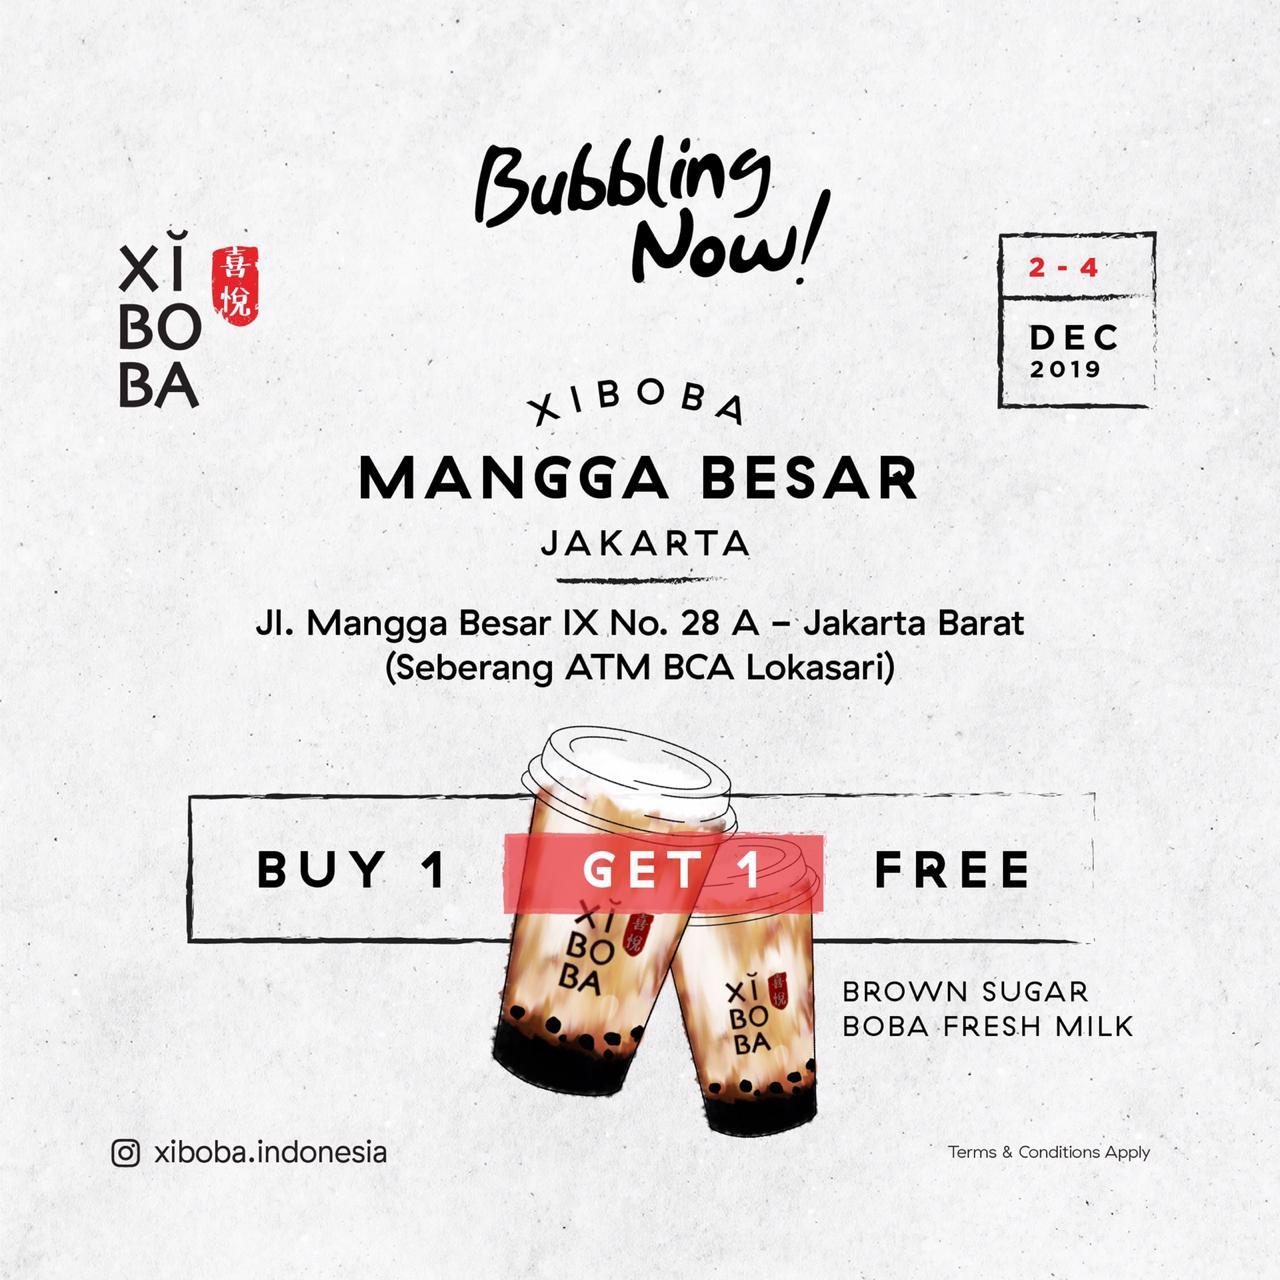 Xi Boba Promo Opening Store, Beli 1 Gratis 1 Di Mangga Besar!